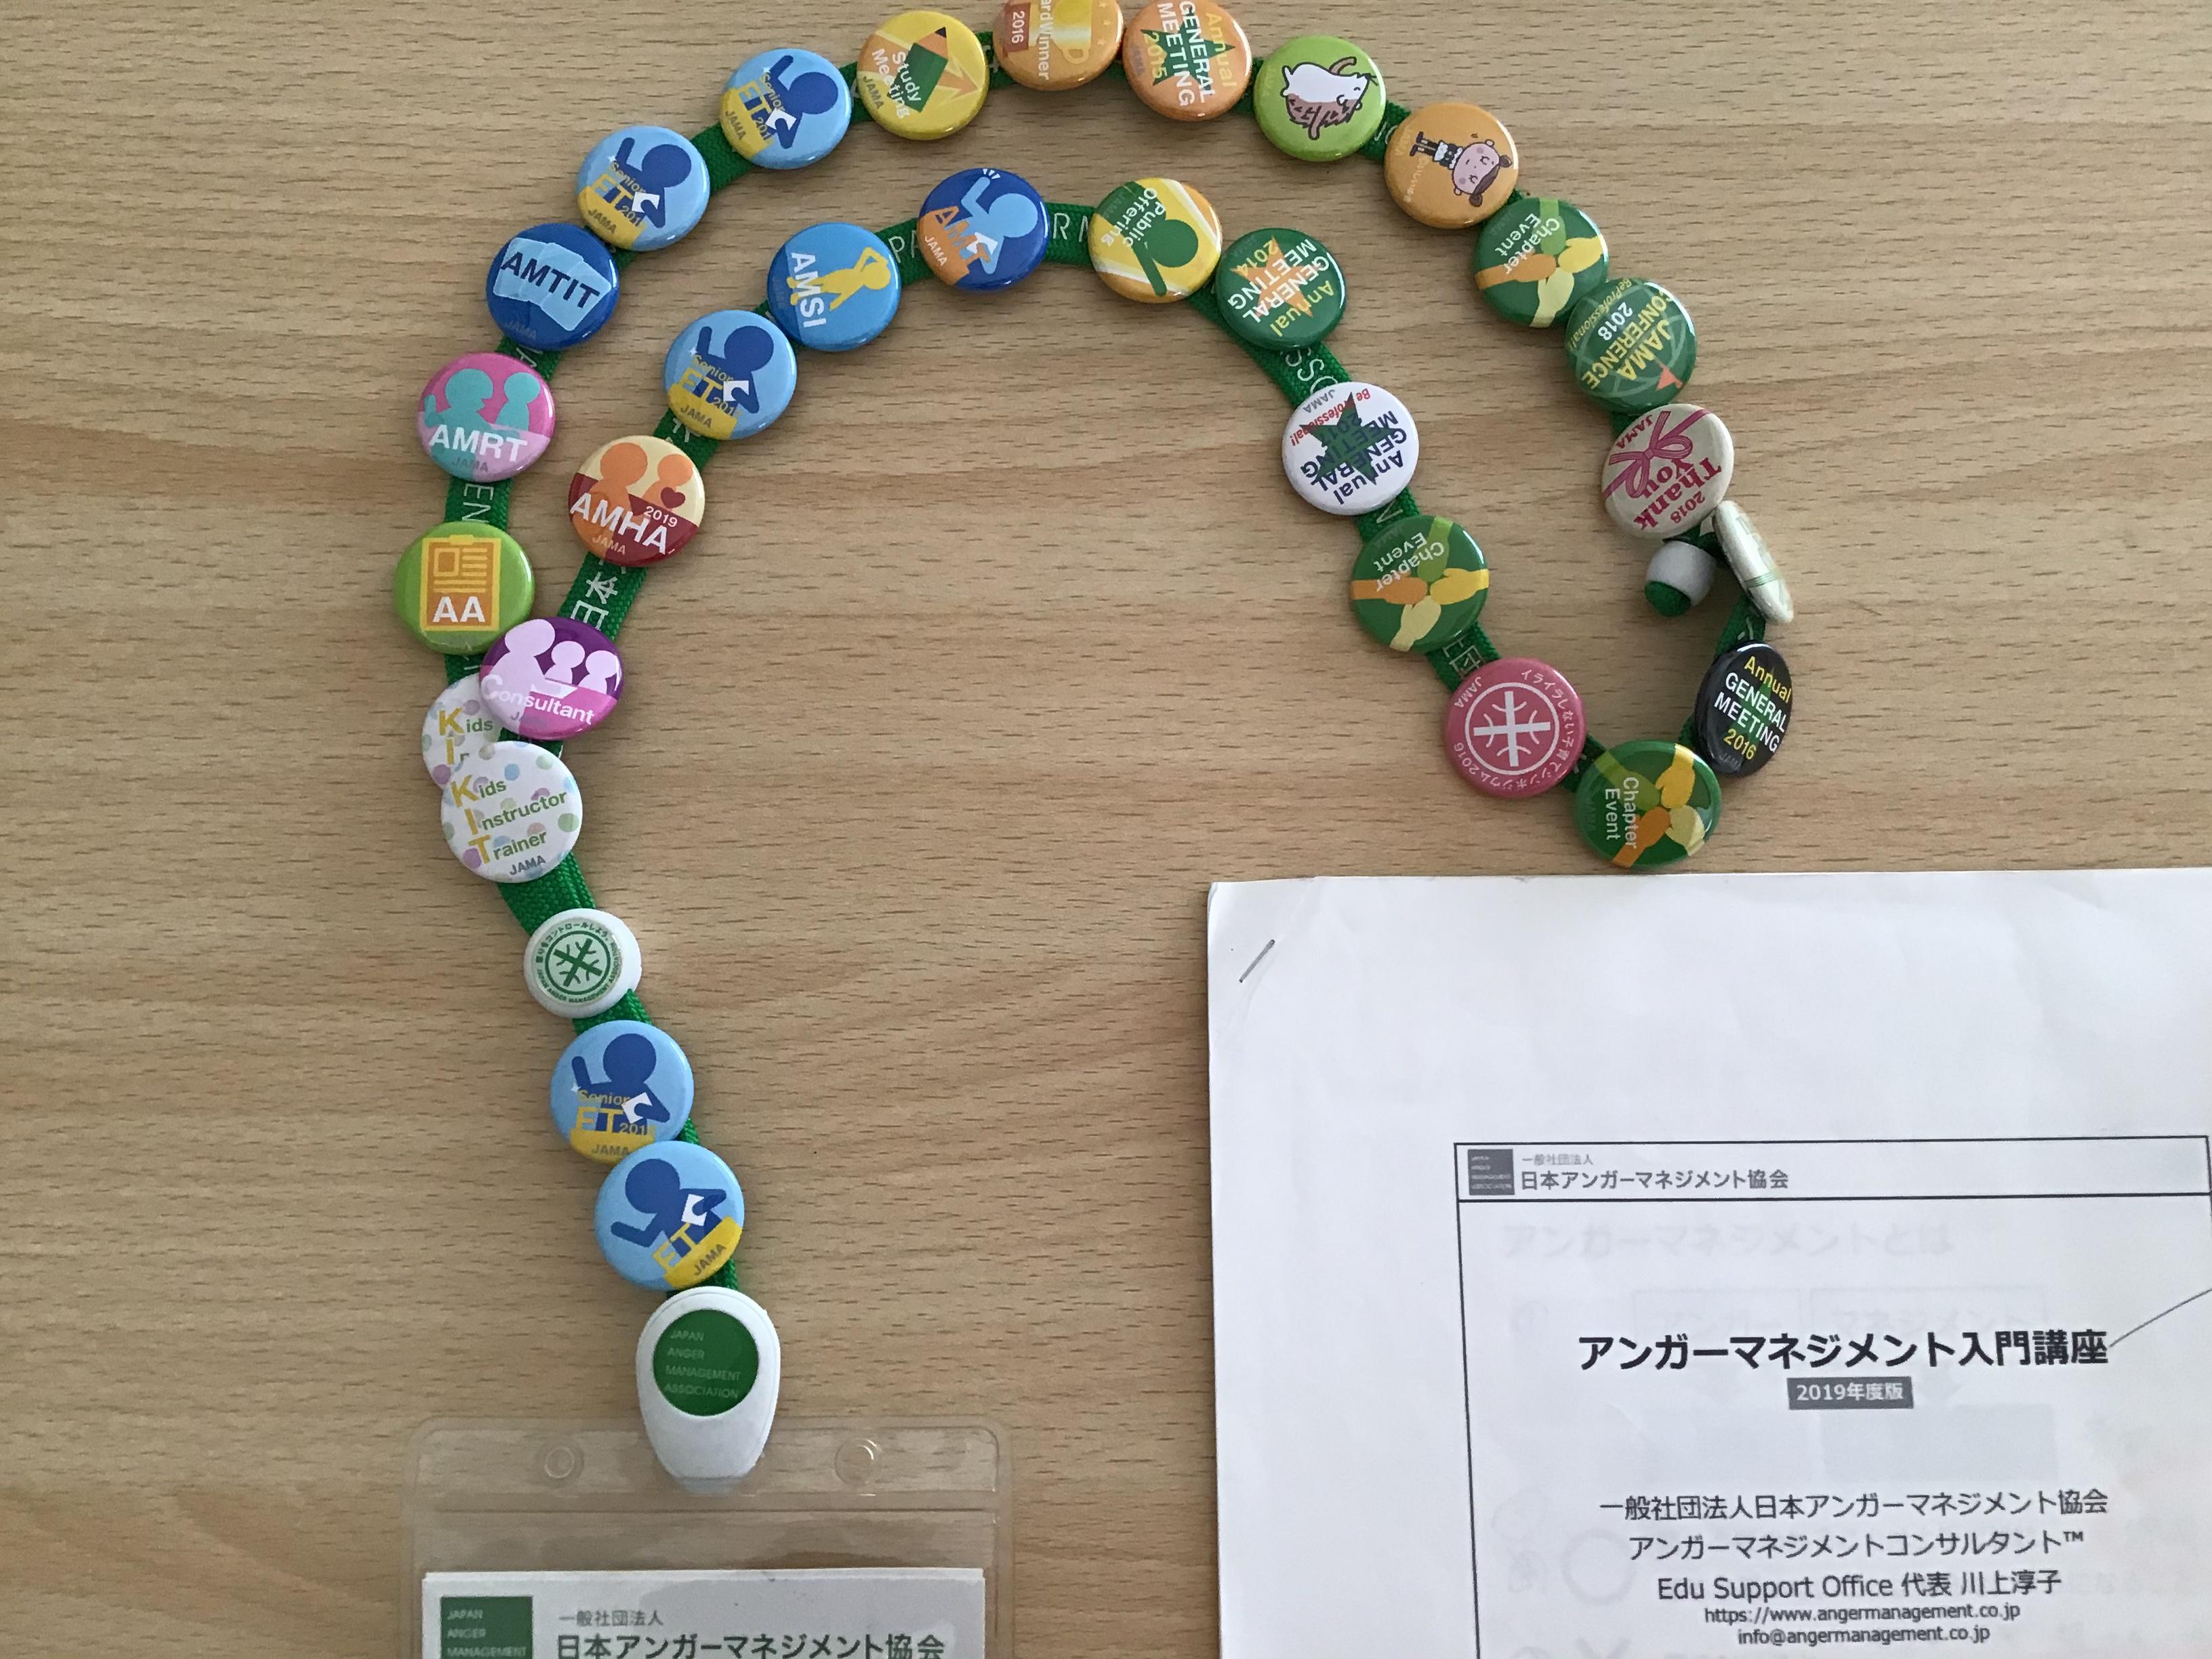 一般社団法人日本アンガーマネジメント協会,公開講座,アンガーマネジメント入門講座開催